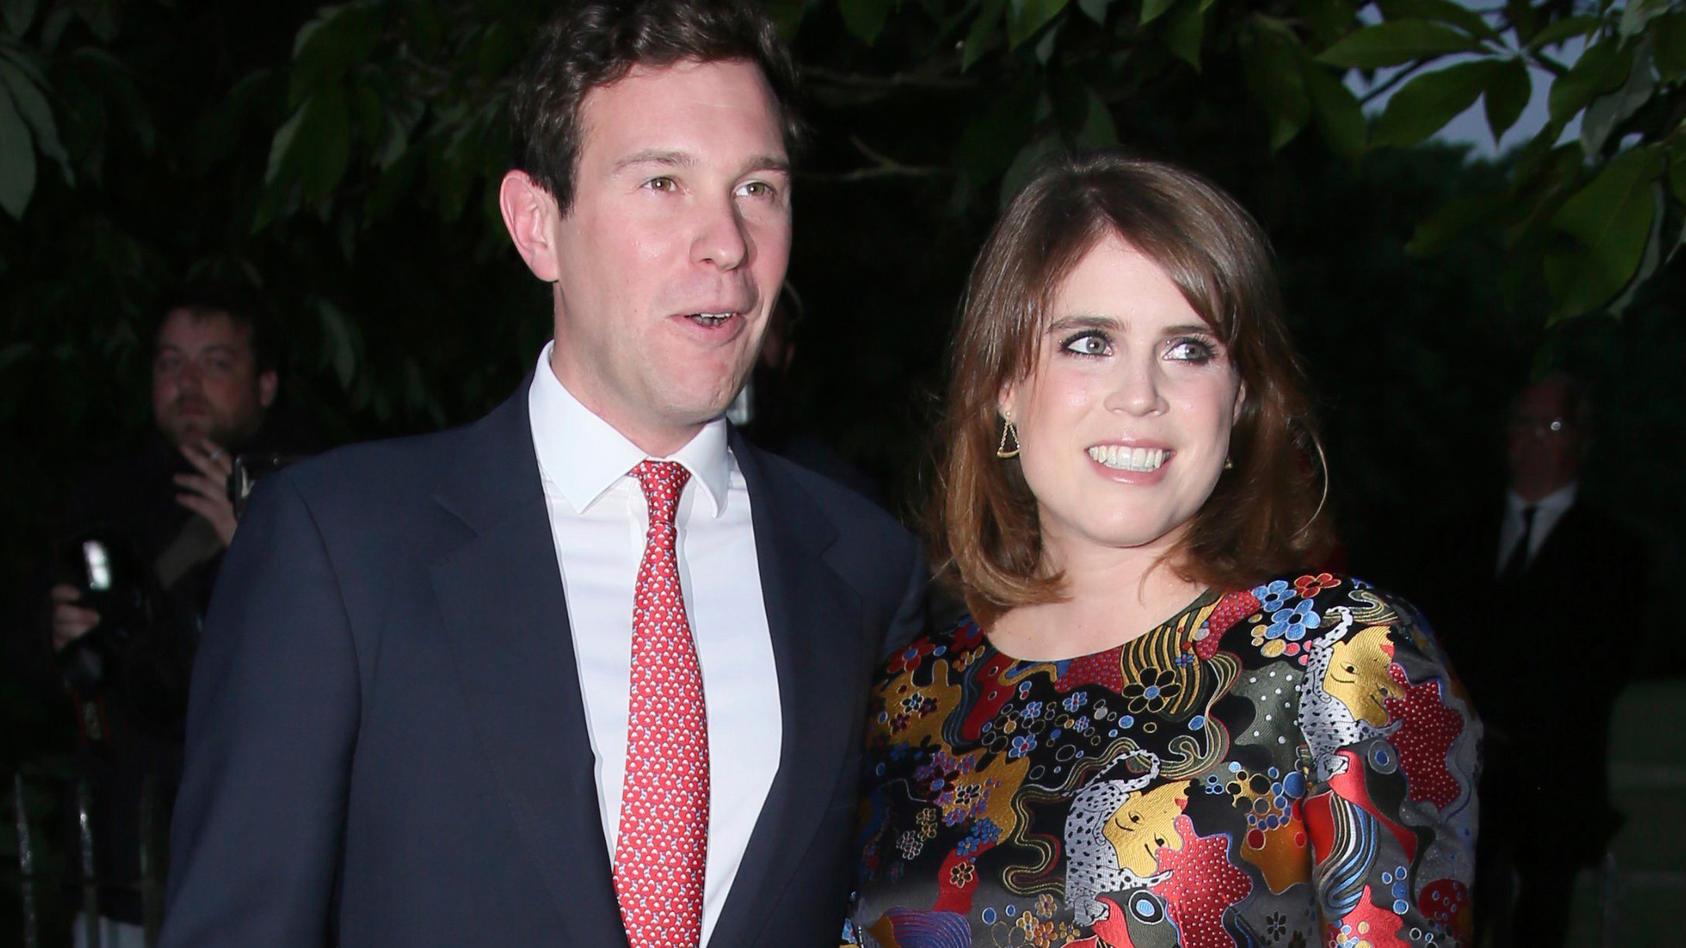 Jack Brooksbank, der Ehemann von Prinzessin Eugenie, ist wegen eines Boot-Trips in die Schlagzeilen geraten.